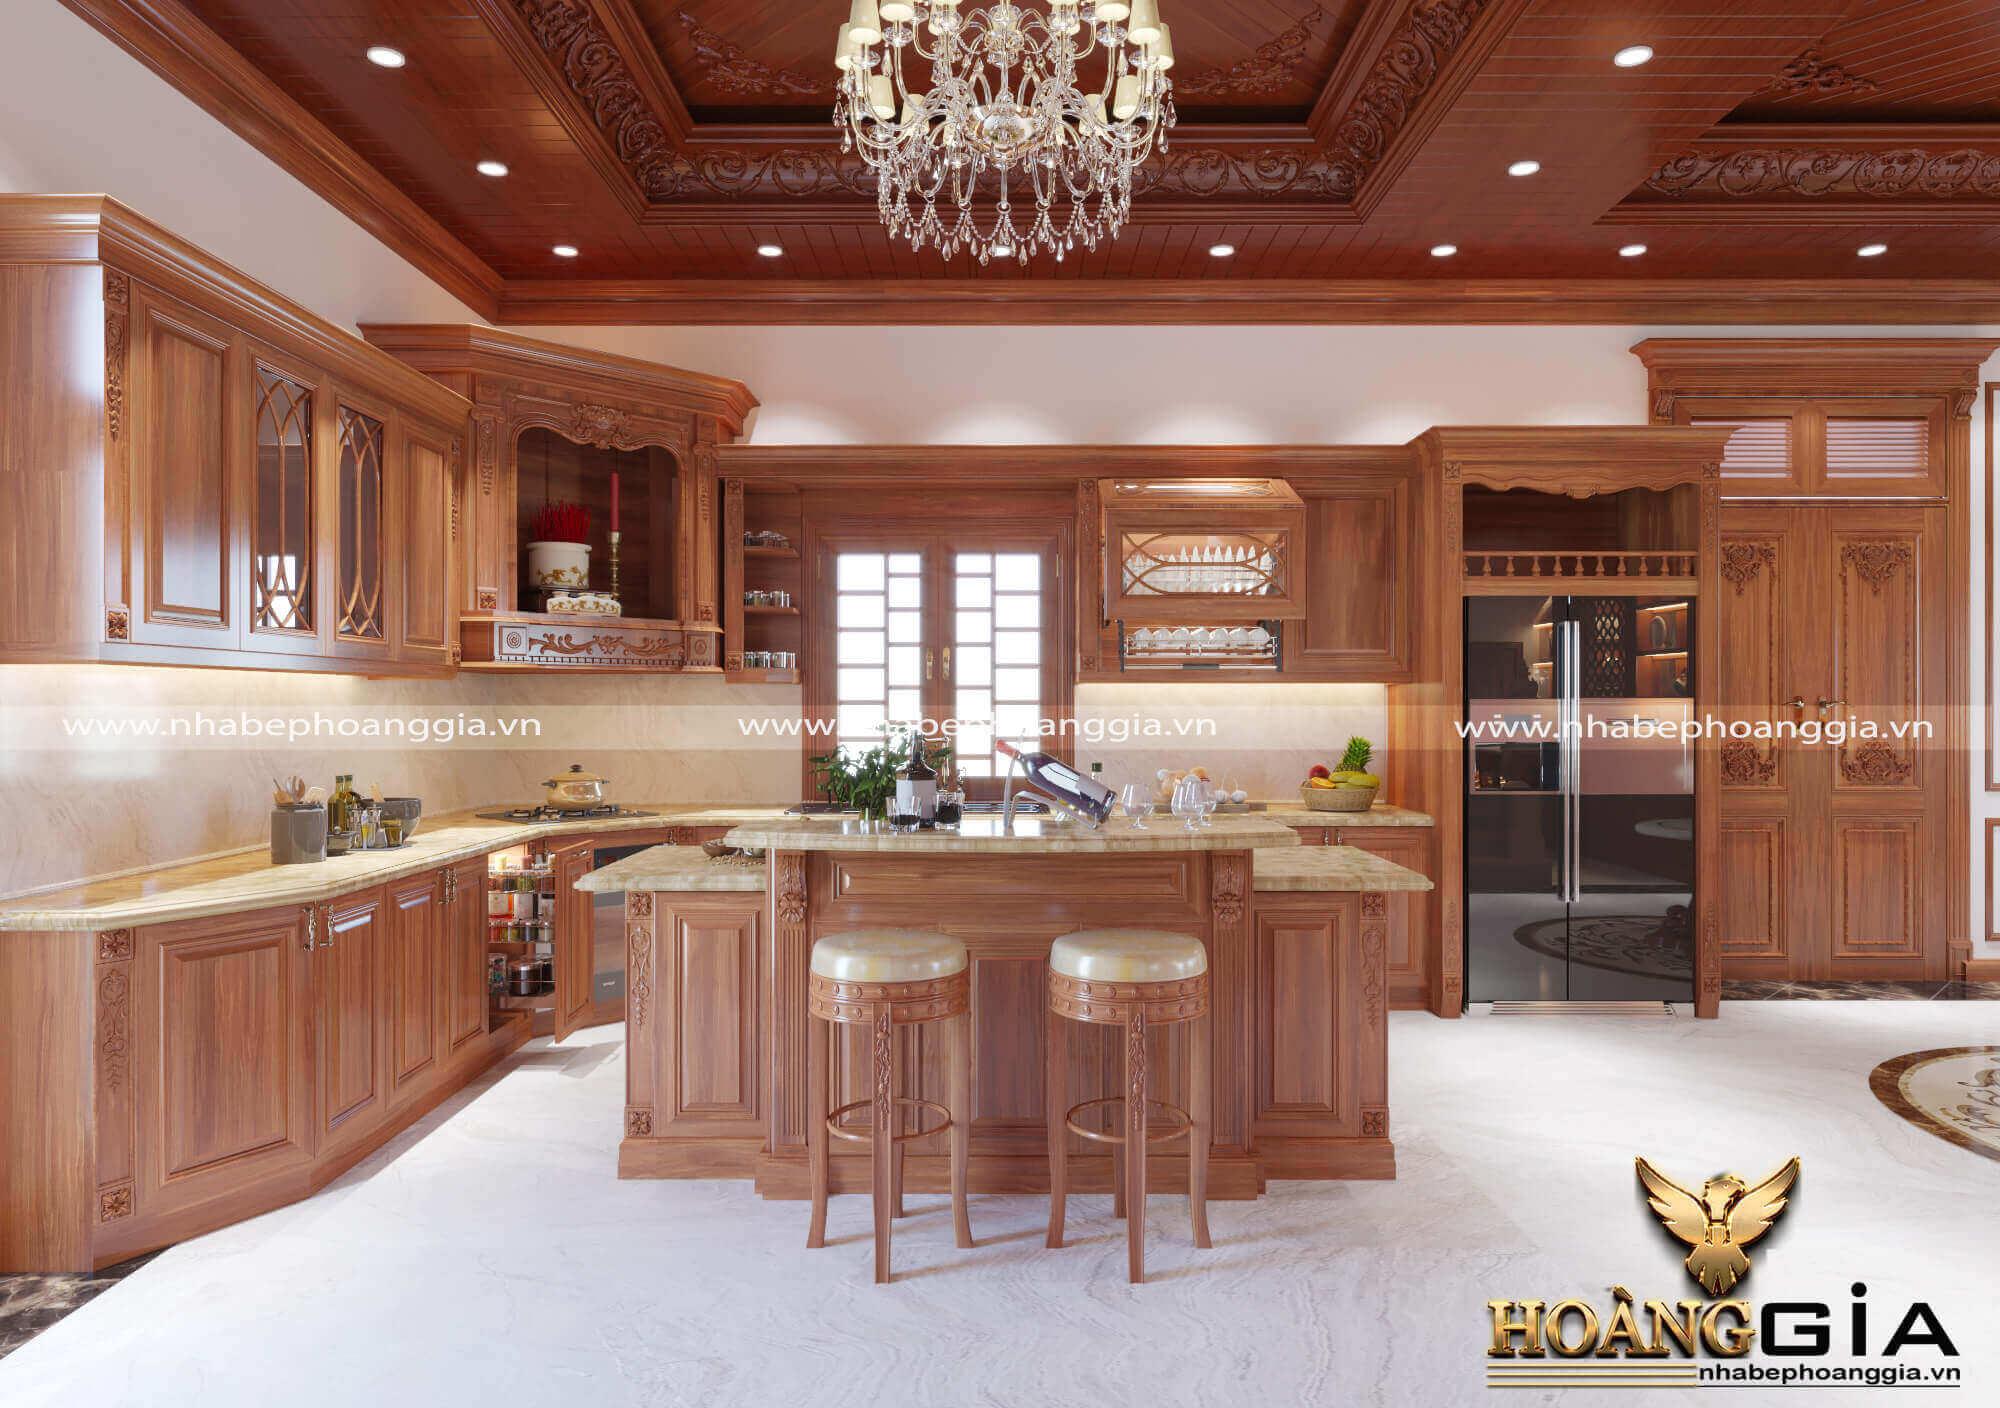 mẫu tủ bếp tân cổ điển đẹp